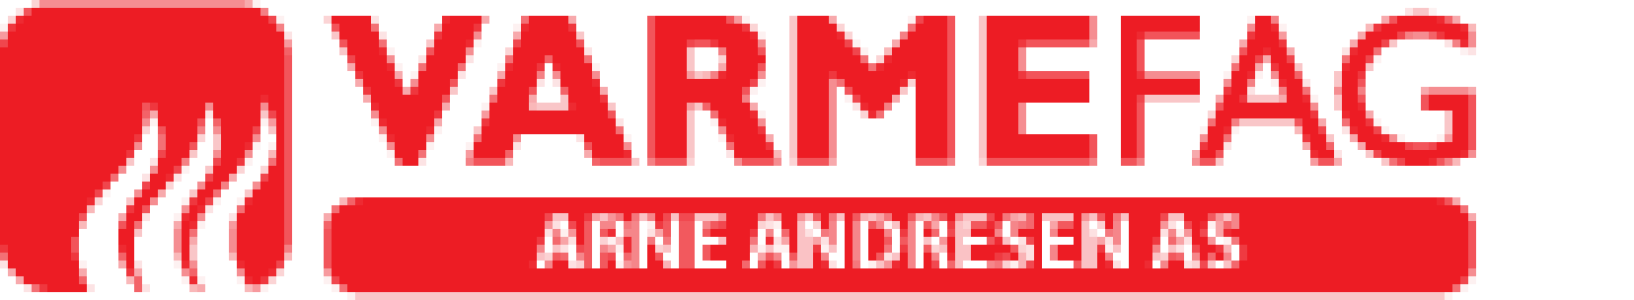 Arne Andresen